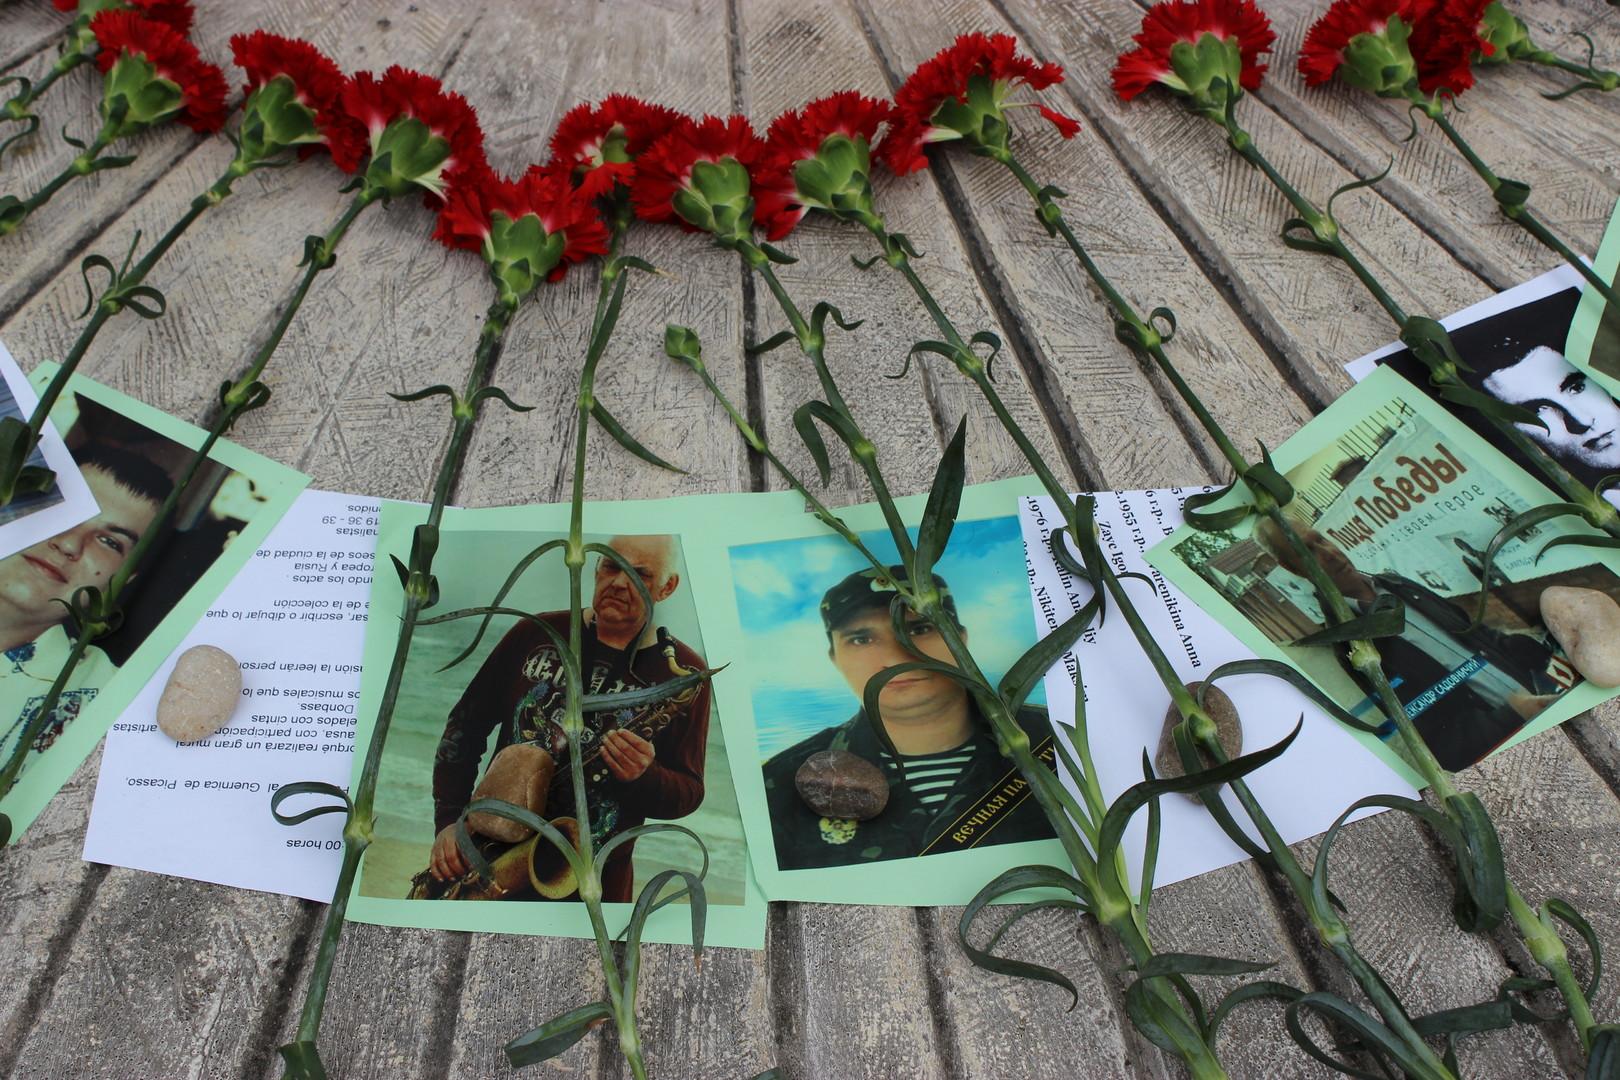 Дмитрий Иванов, музыкальный критик и журналист. 2 мая 2014 года погиб от отравления газами во время пожара в одесском Доме профсоюзов.